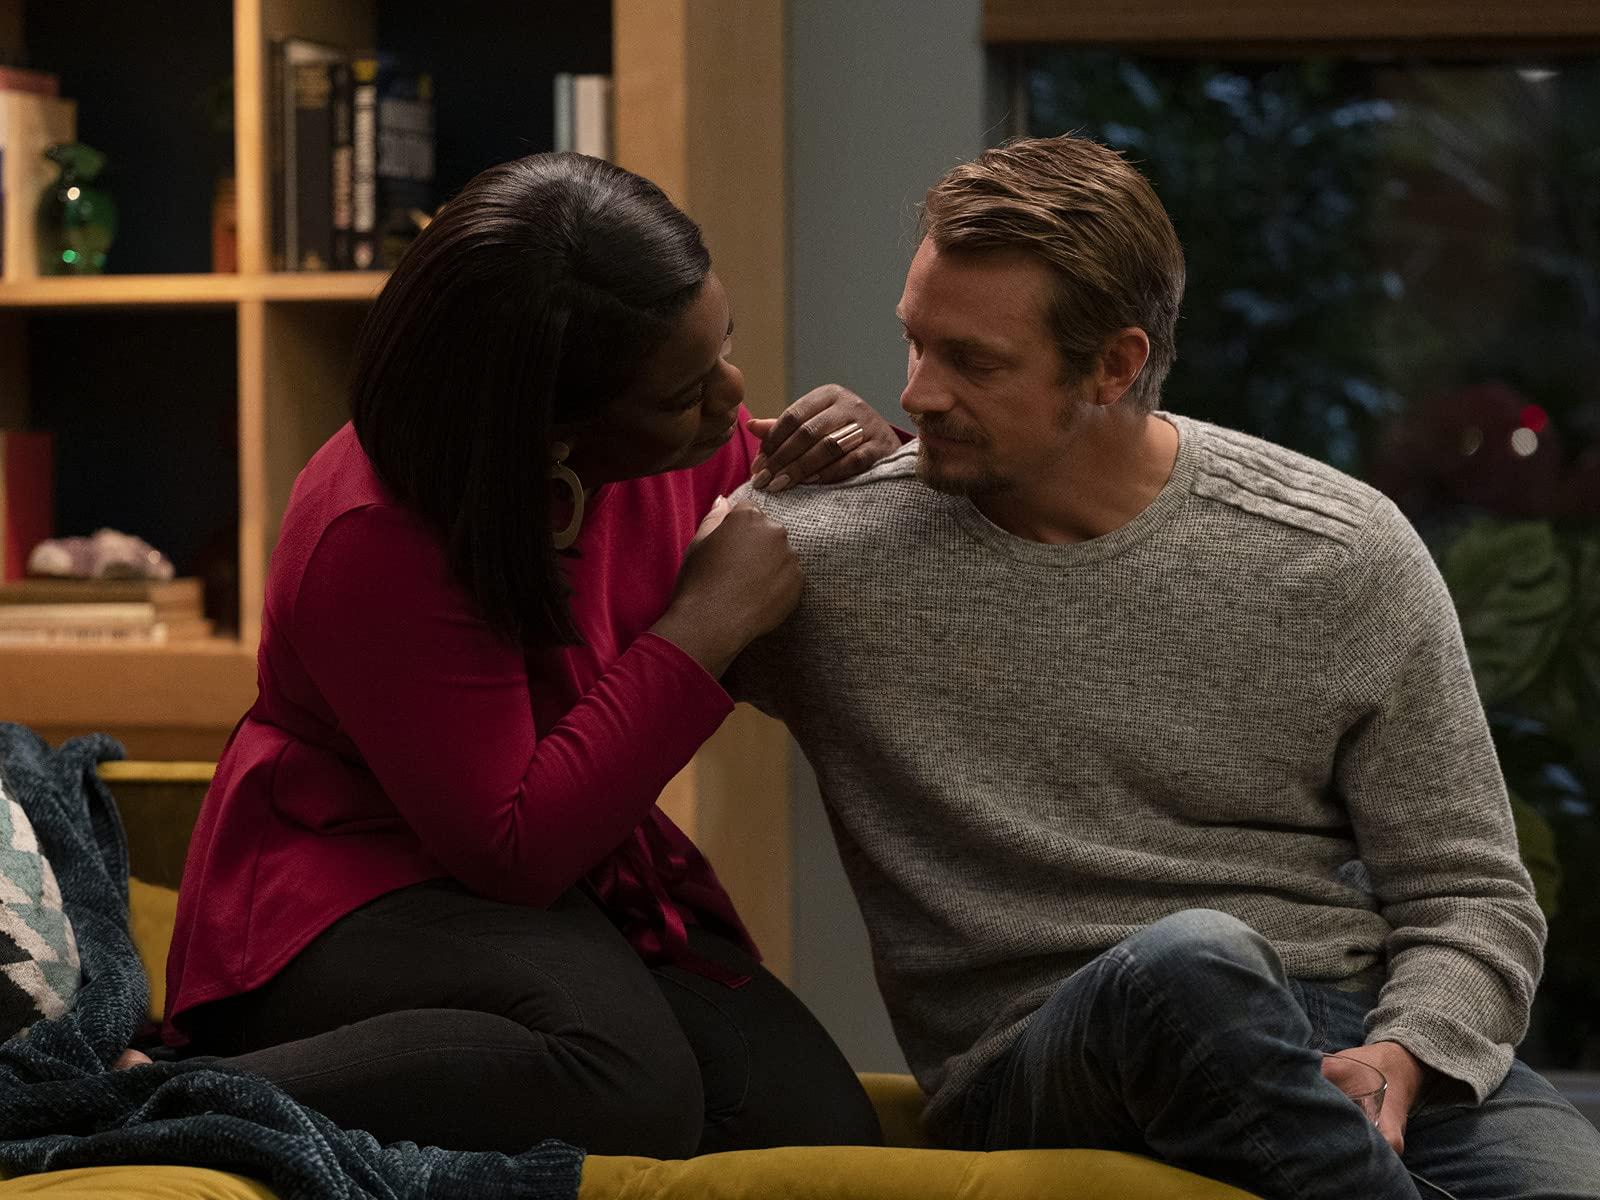 A imagem é uma cena da série In Treatment. Na imagem, Uzo Aduba, que interpreta Brooke Taylor, está sentada ao lado de Joel Kinnaman, que interpreta Adam, apoiada em seu ombro direito. Brooke é uma mulher negra, de cabelos pretos, lisos e acima dos ombros; ela veste uma blusa rosa de mangas compridas e uma calça jeans escura. Adam é um homem branco, de cabelo e barba loiros; ele veste uma blusa cinza de mangas compridas e calça jeans.